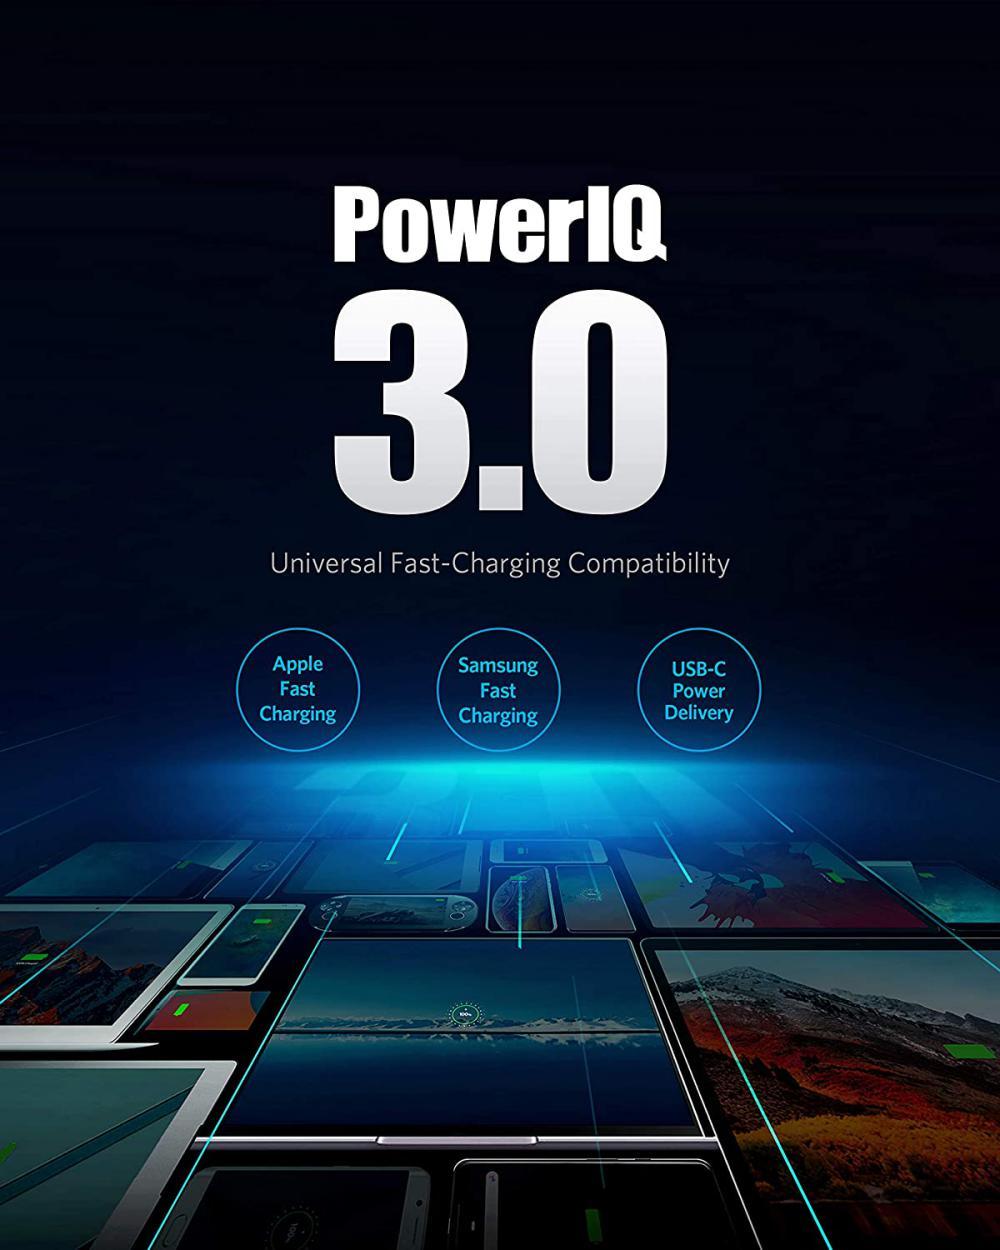 Anker Powerport Iii Duo 36w 2 Port Poweriq 3 0 Usb C Charger (4)